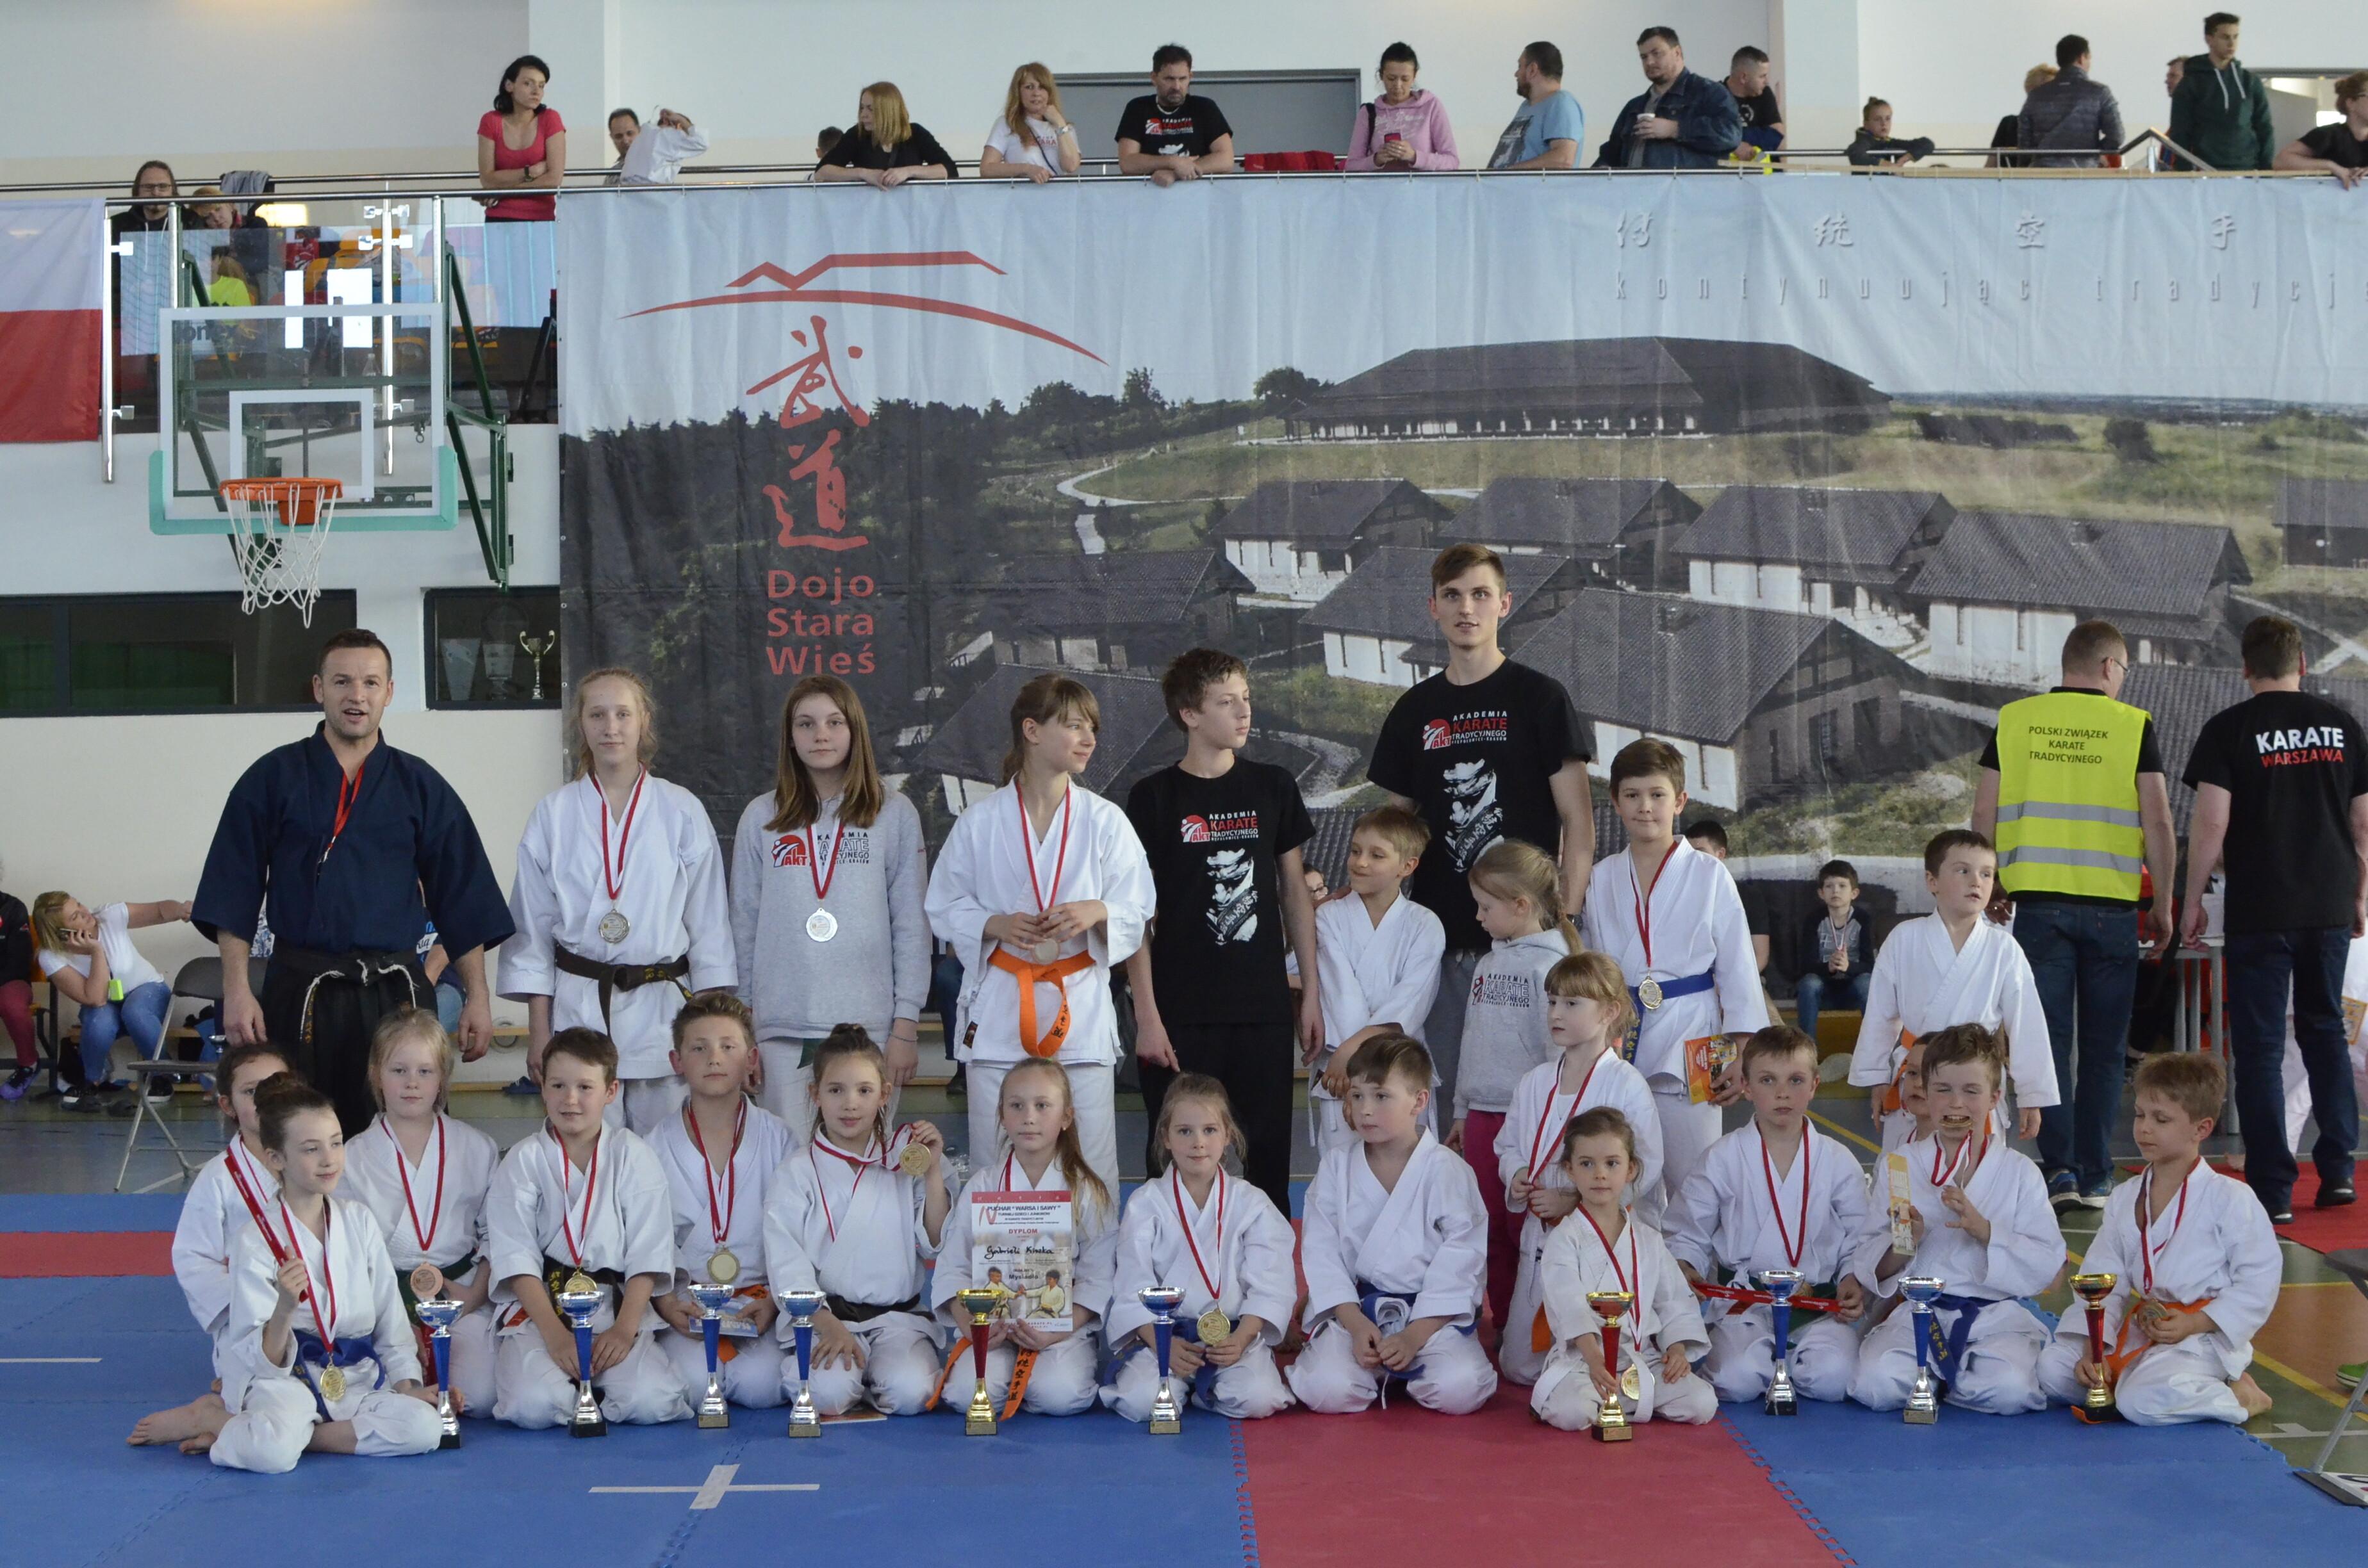 <p>33 medale (15 złotych, 12 srebrnych i 6 brązowych) zdobyli karatecy AKT podczas Pucharu Warsa i Sawy w Mysiadle pod Warszawą. Zawody rozegrano 8 kwietnia.</p>